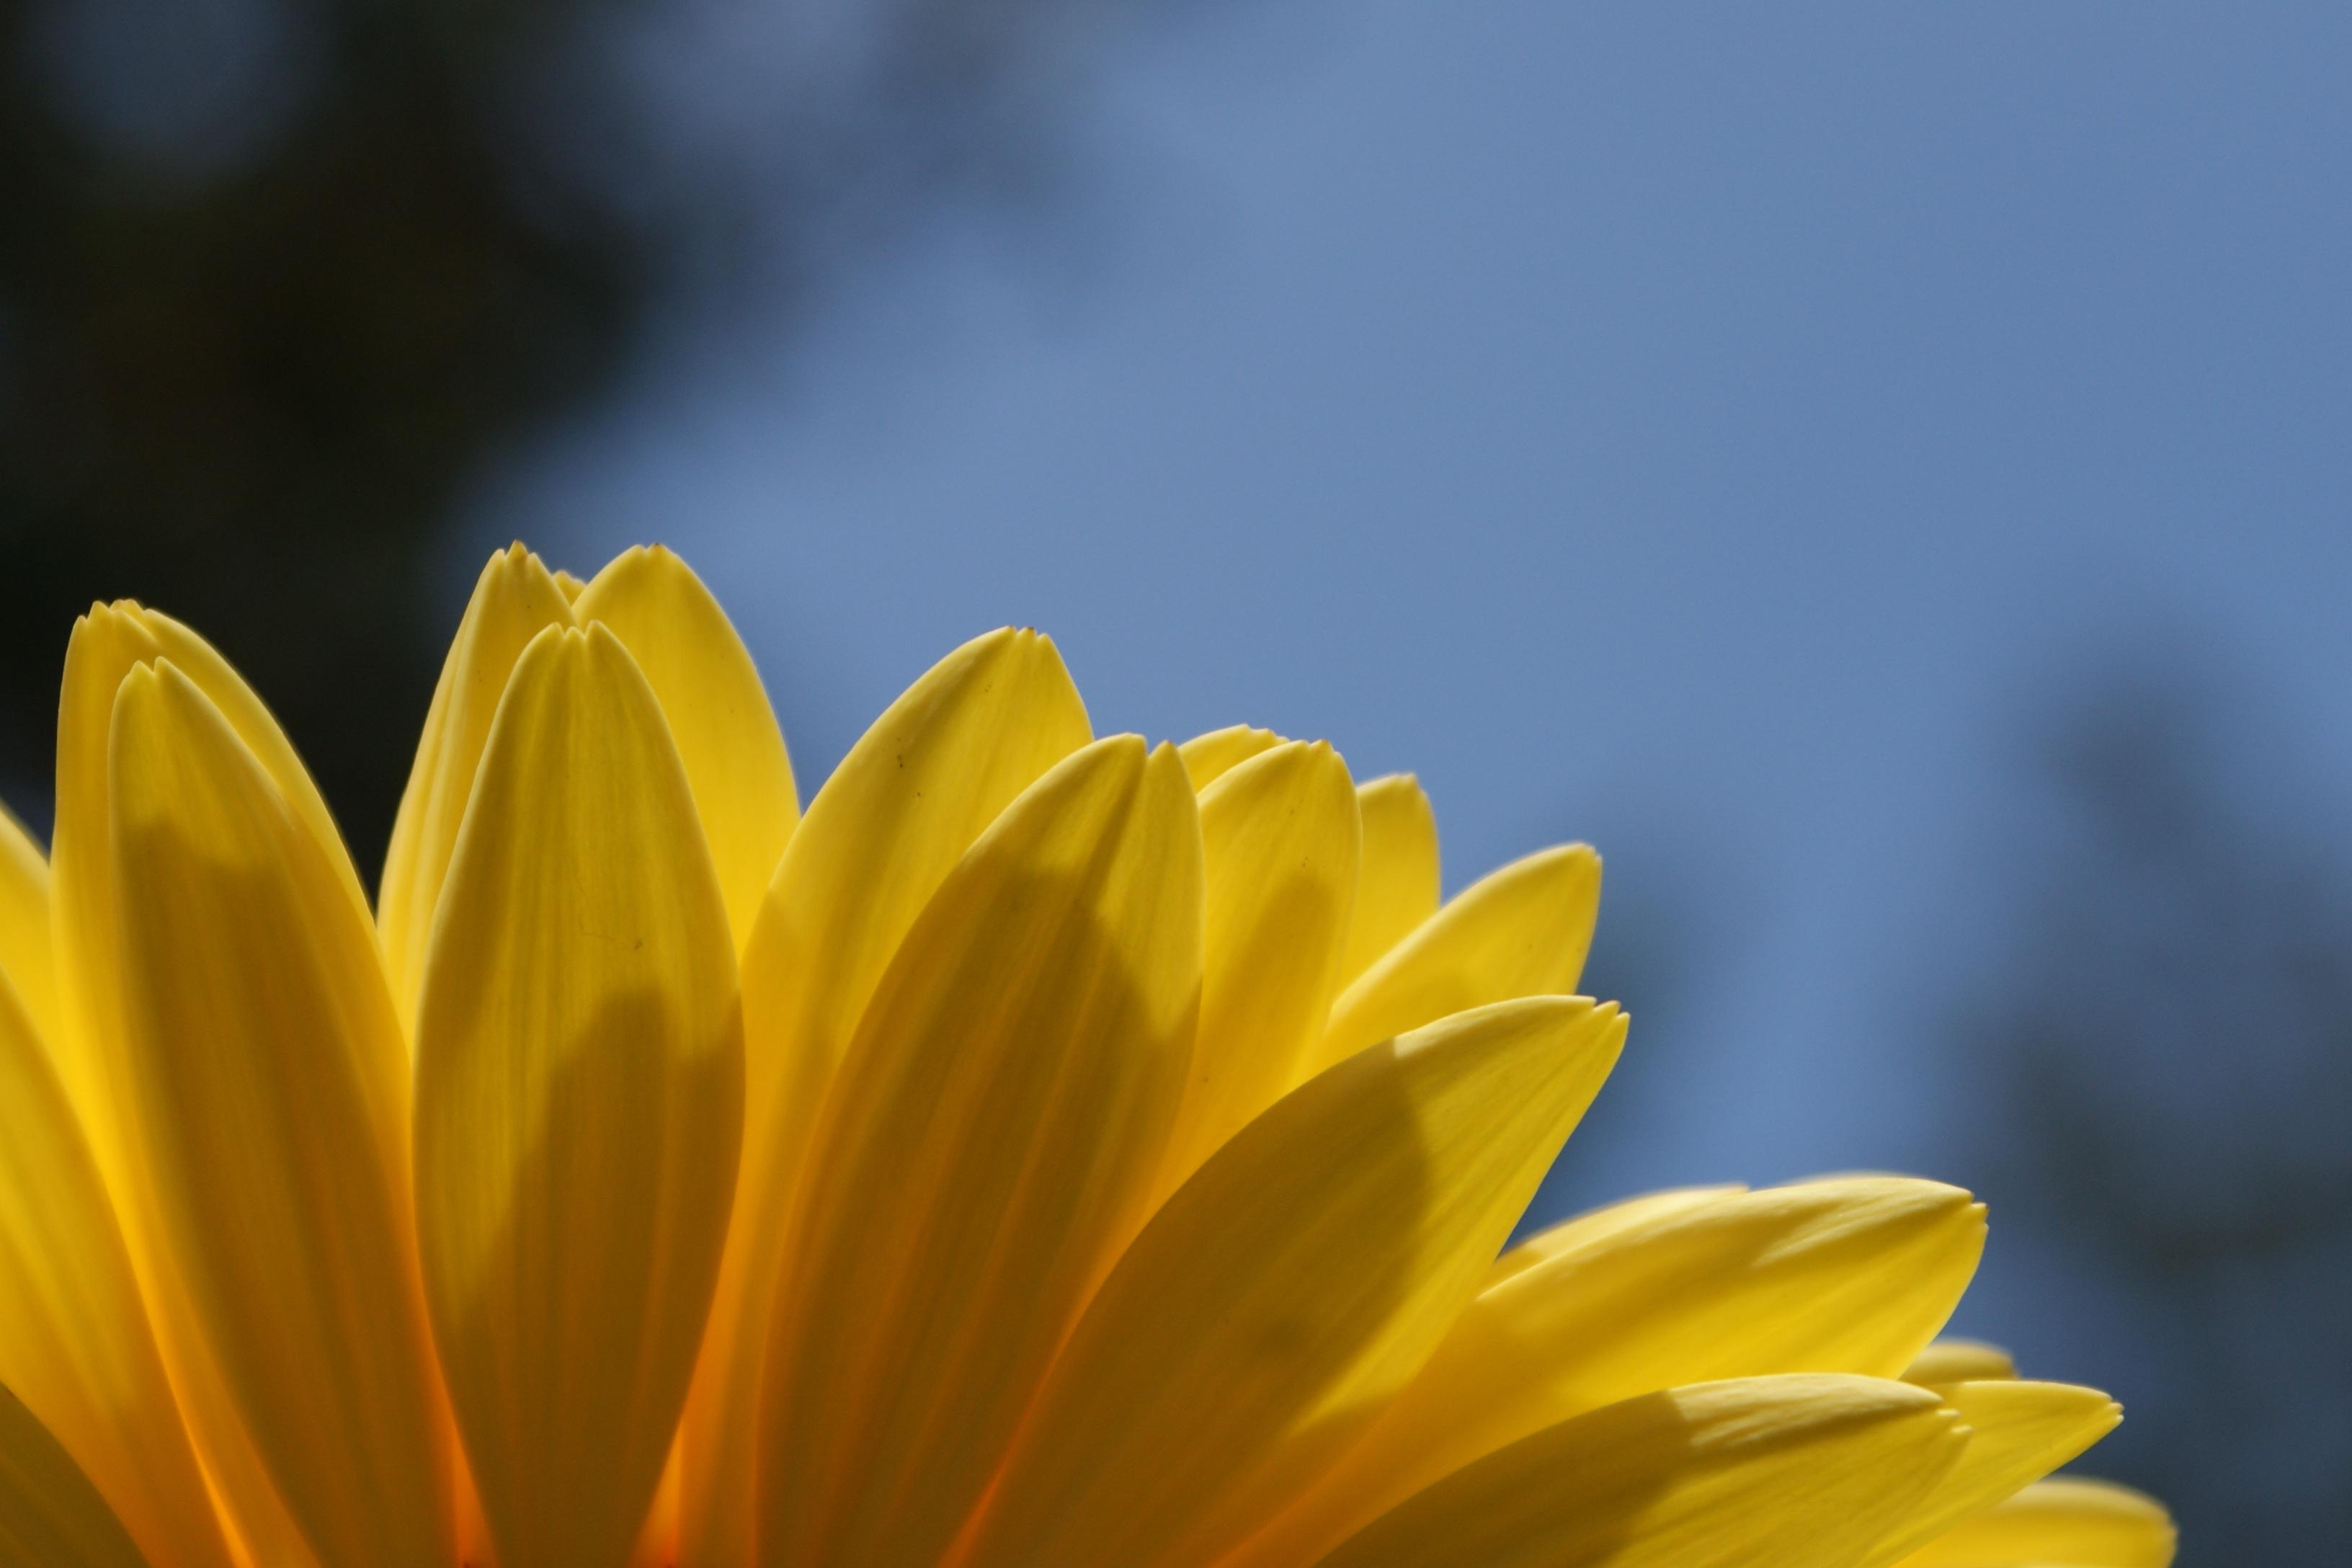 Free Images : nature, blossom, sky, sunlight, leaf, flower, petal ...